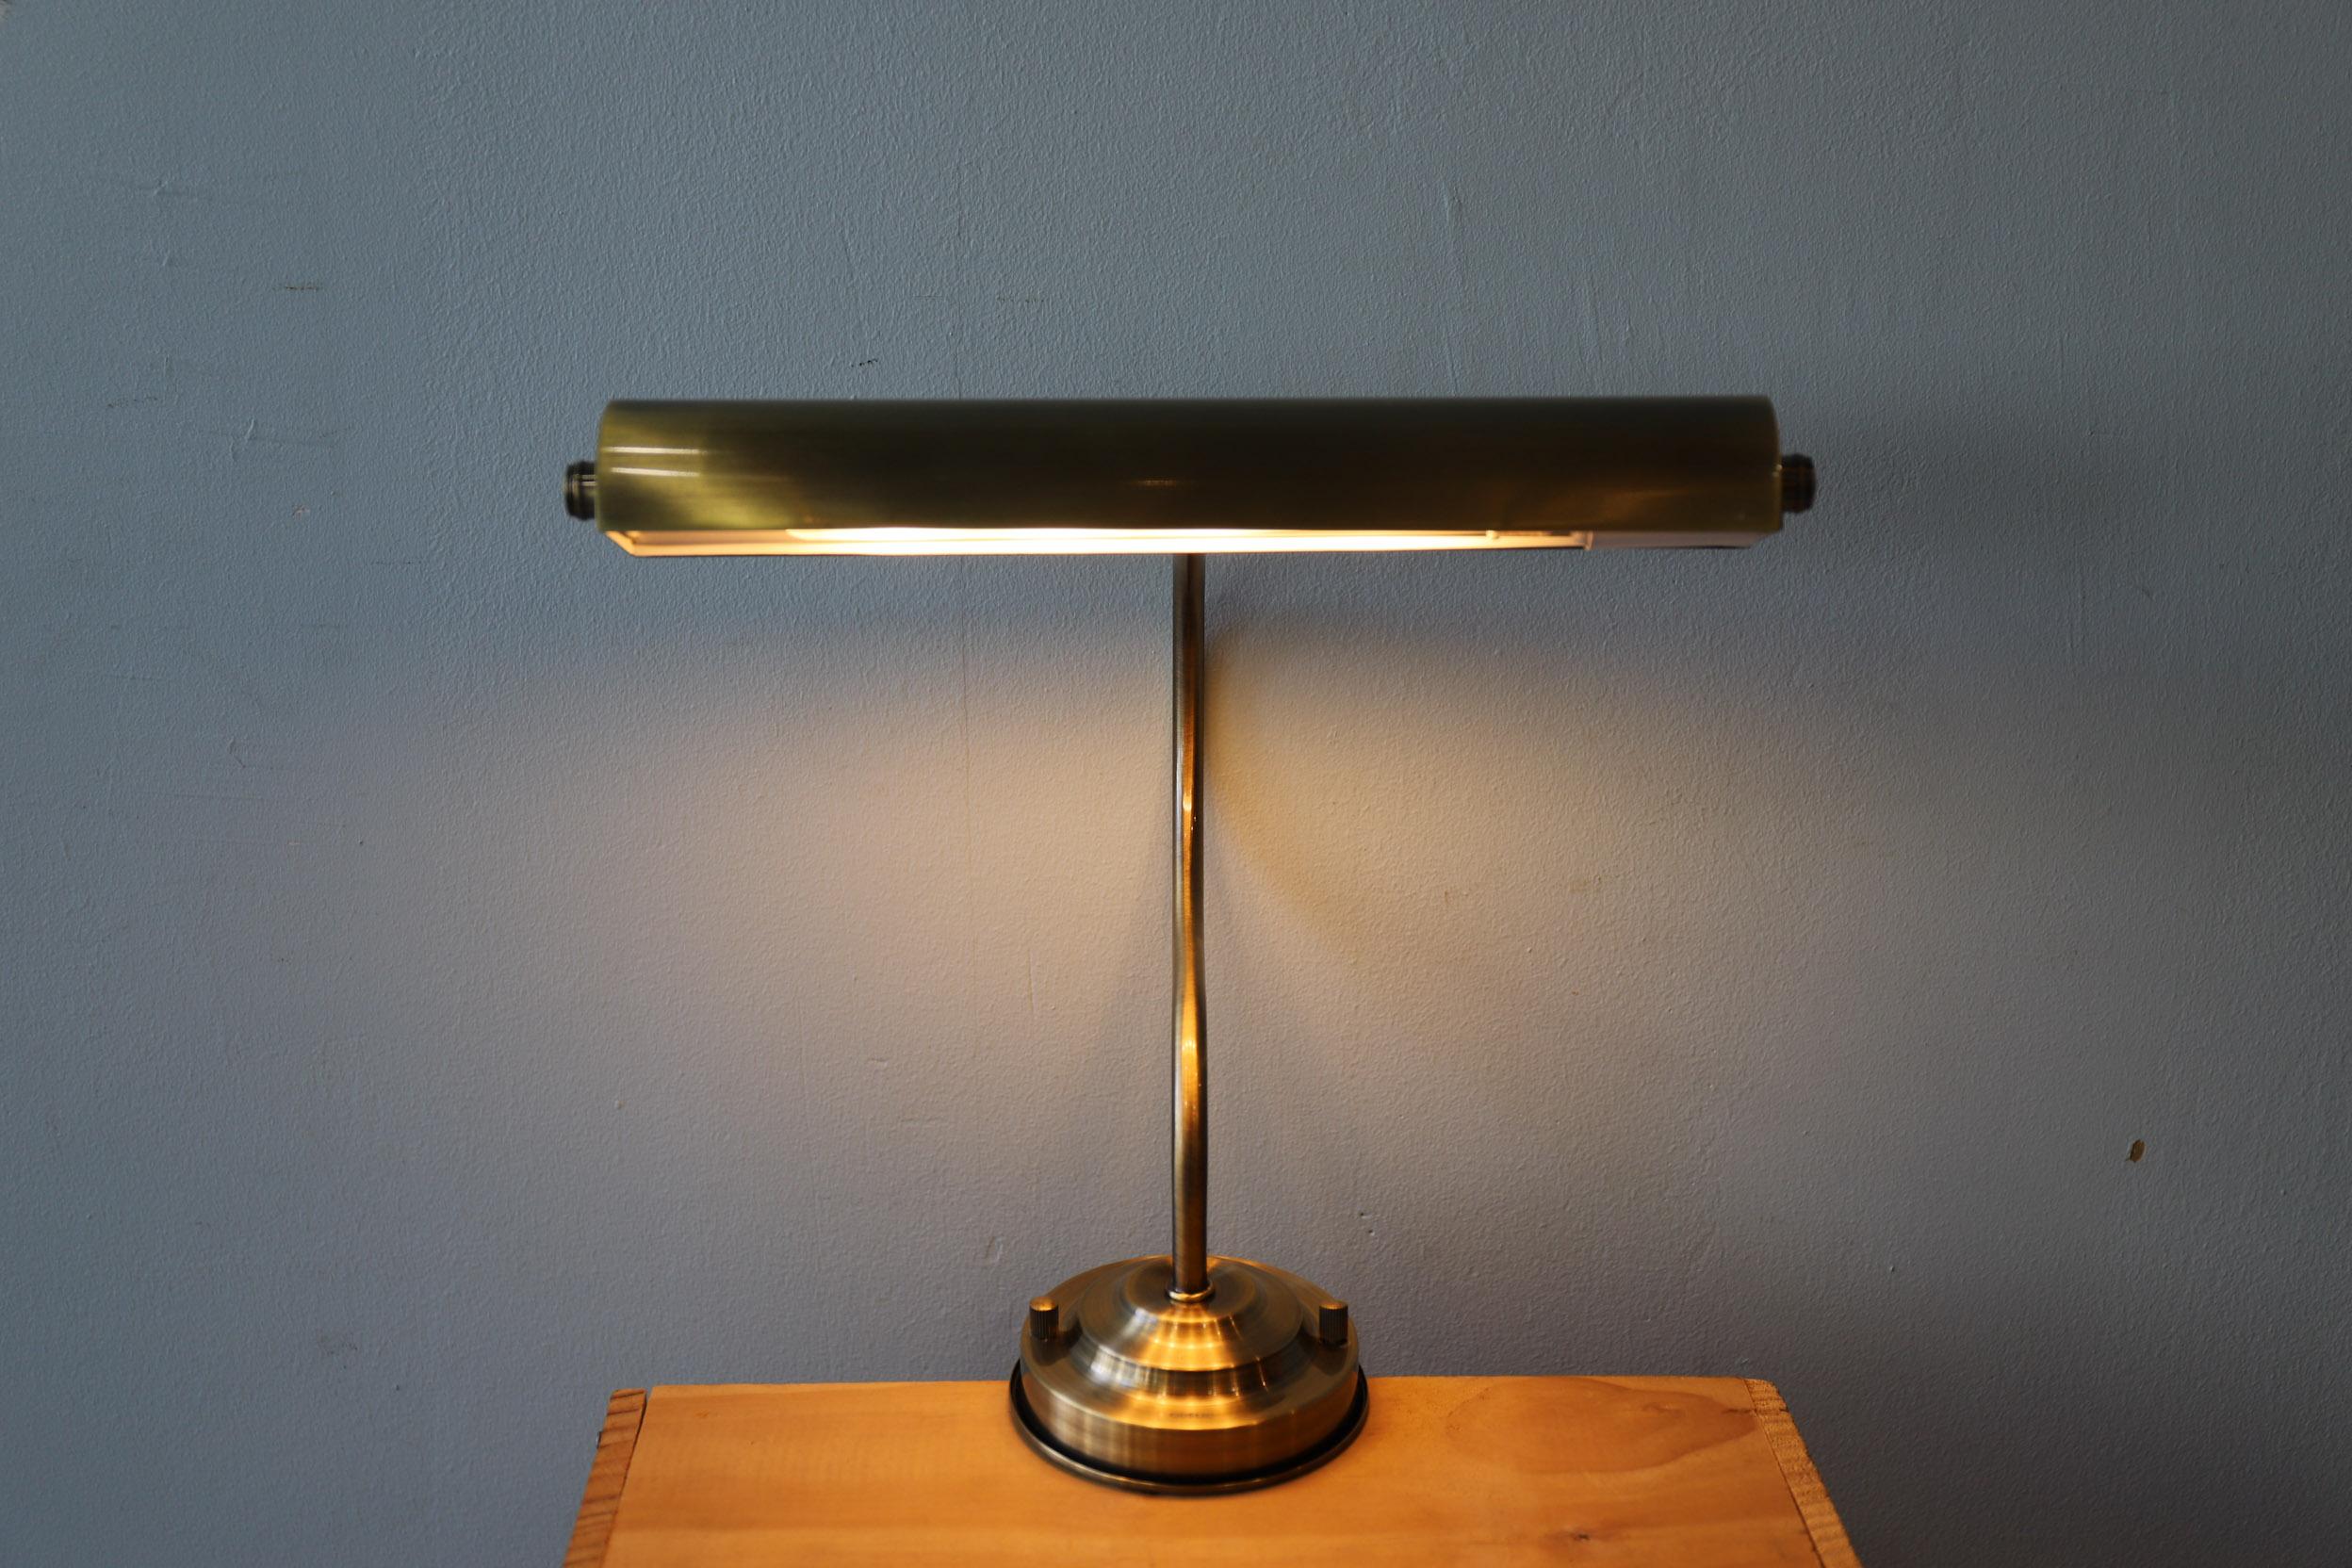 ODELIC Brass Bracket Light/真鍮 ブラケット ライト ウォール ランプ 壁掛け 照明 インテリア オーデリック 1